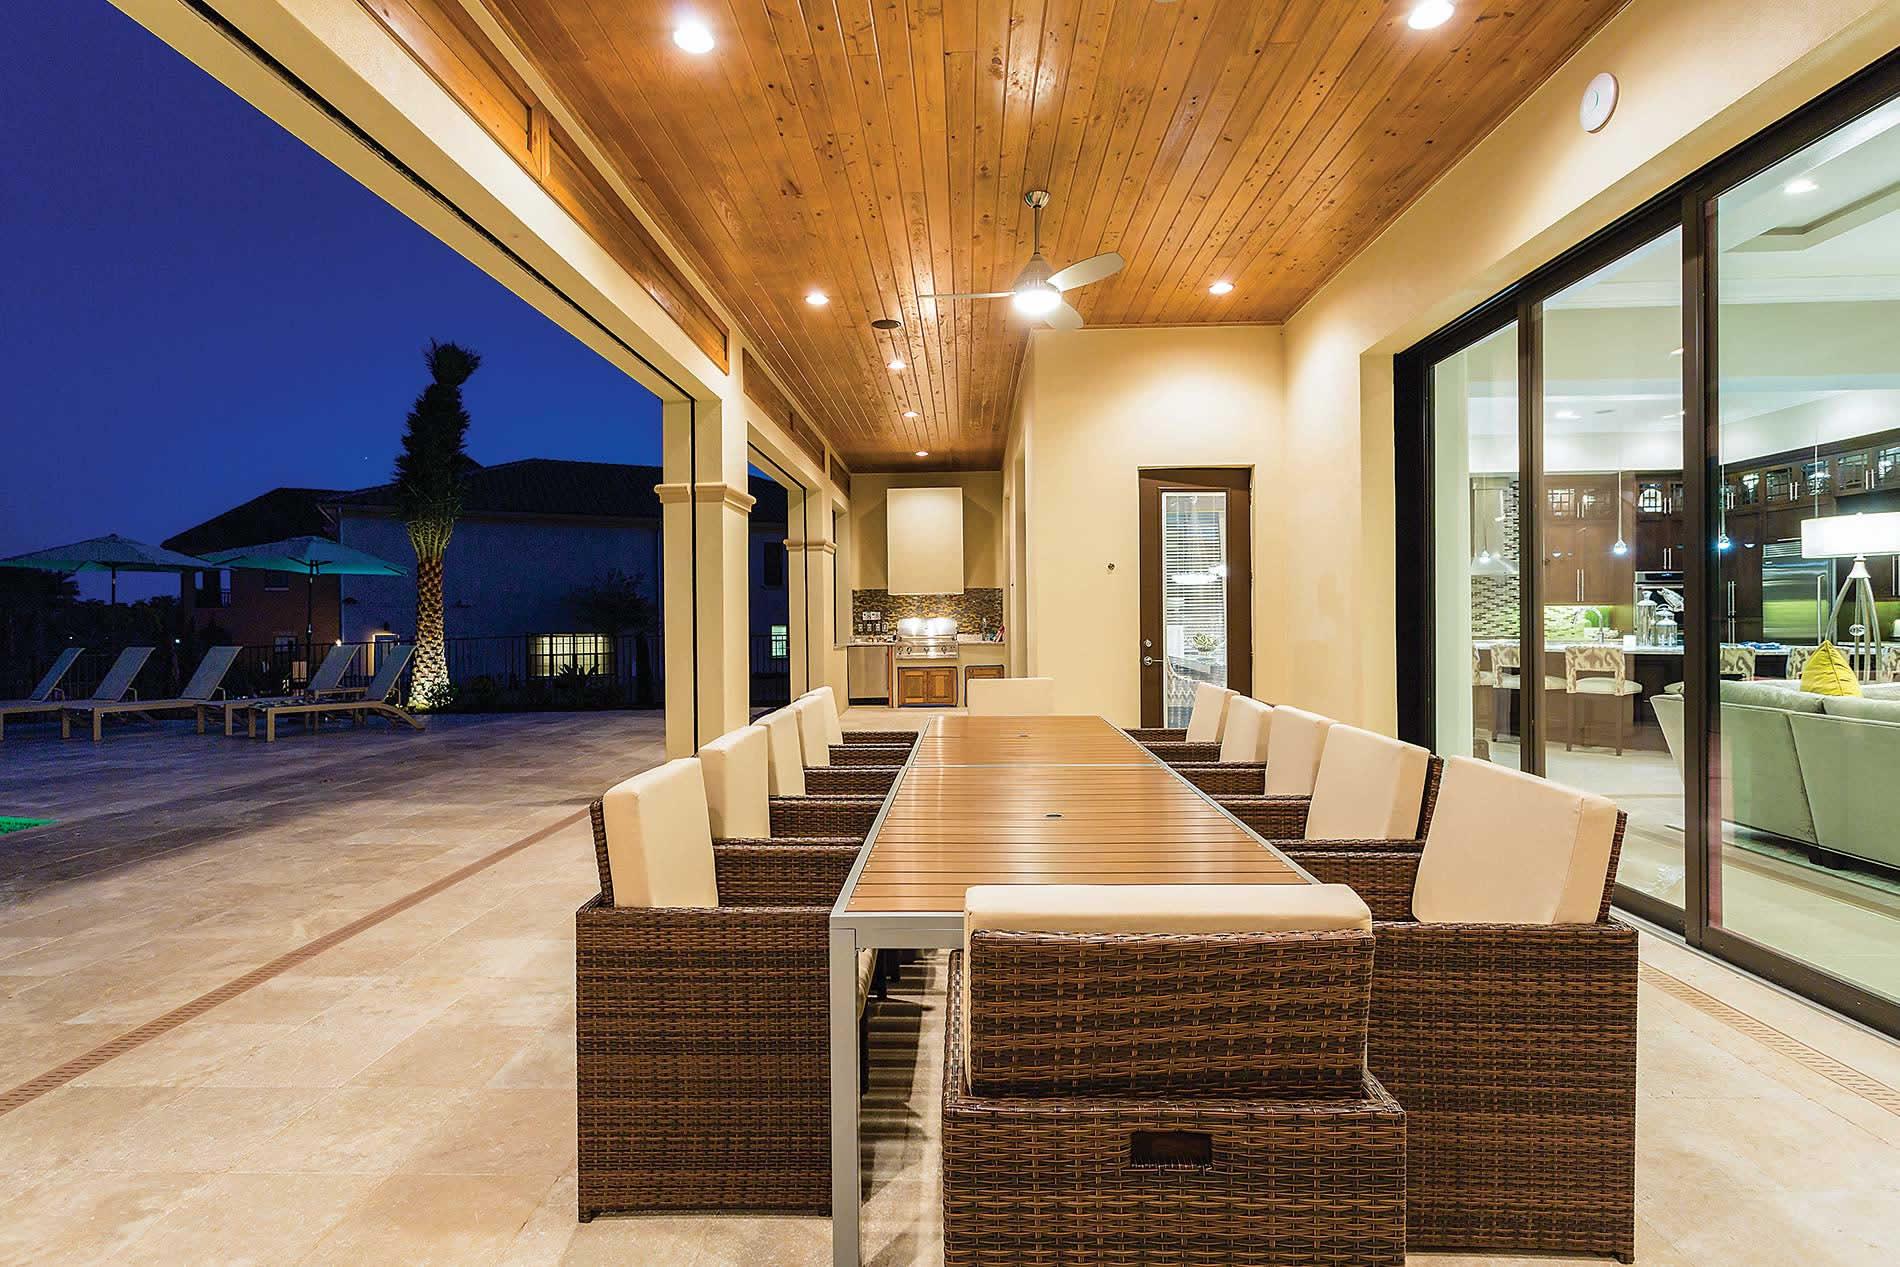 Villa Malitta Mansion in Reunion Resort - sleeps 16 people